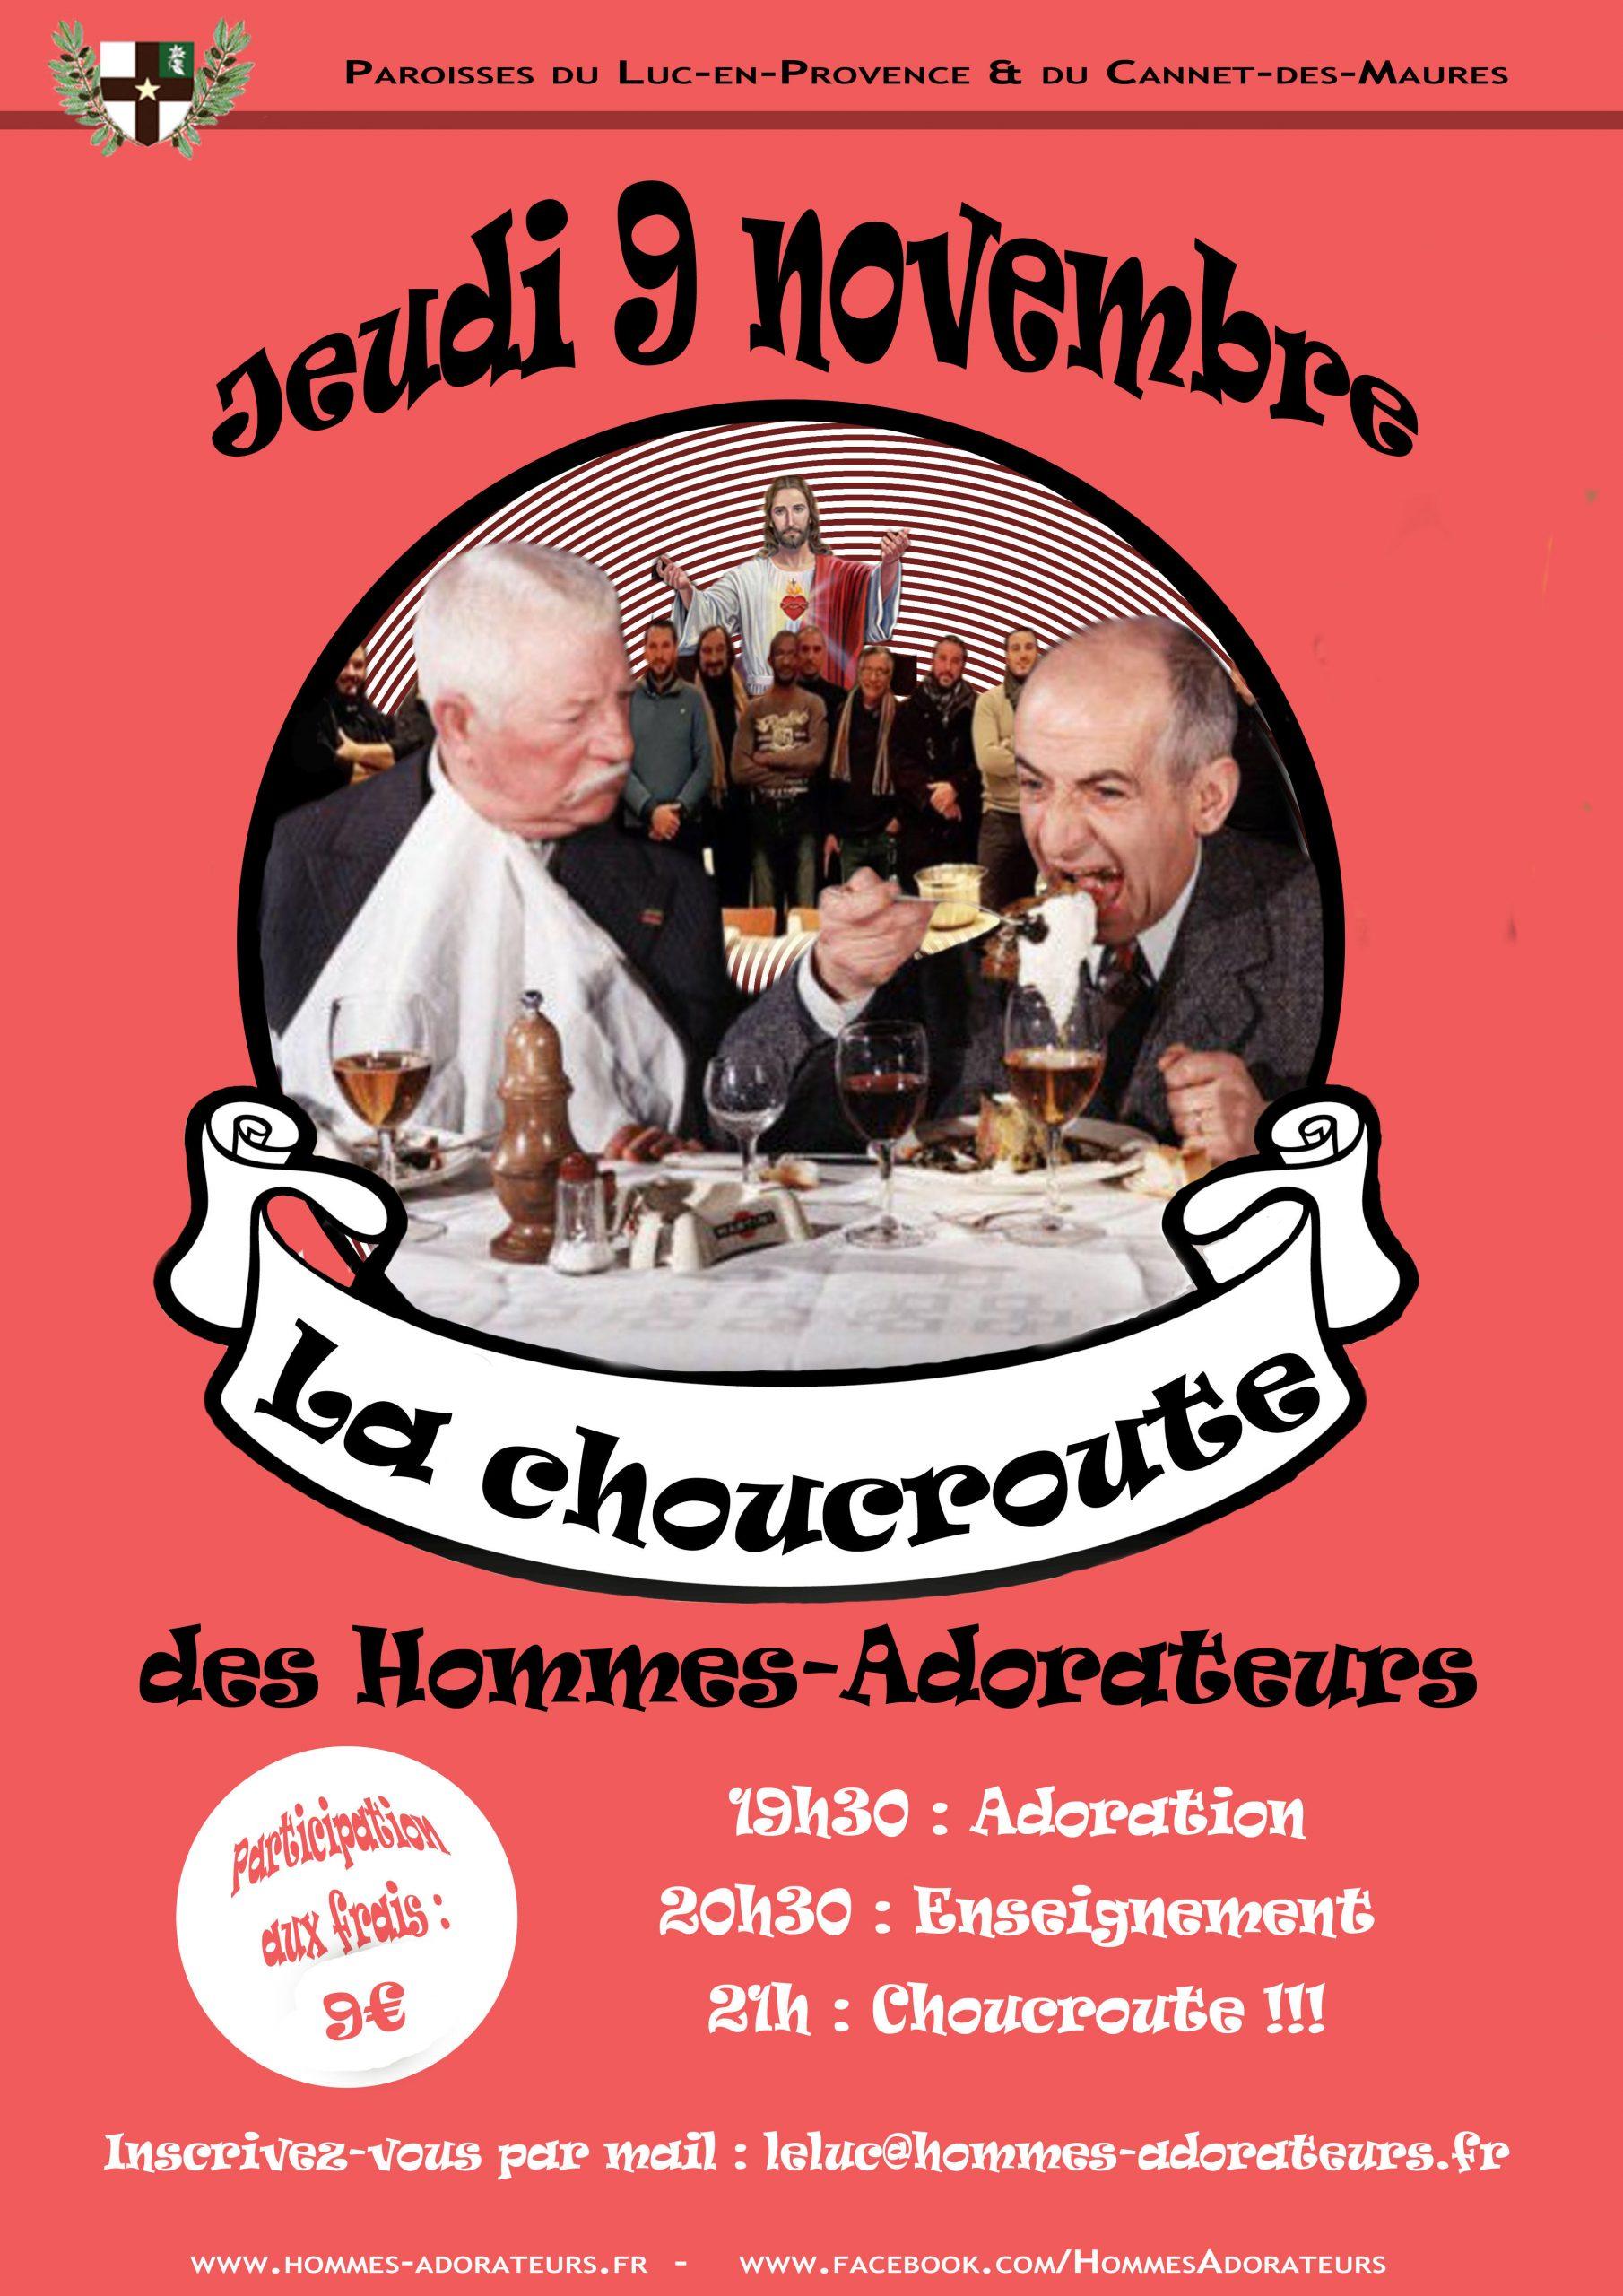 Choucroute des Hommes Adorateurs le 9 novembre au Luc-en-Provence (83)